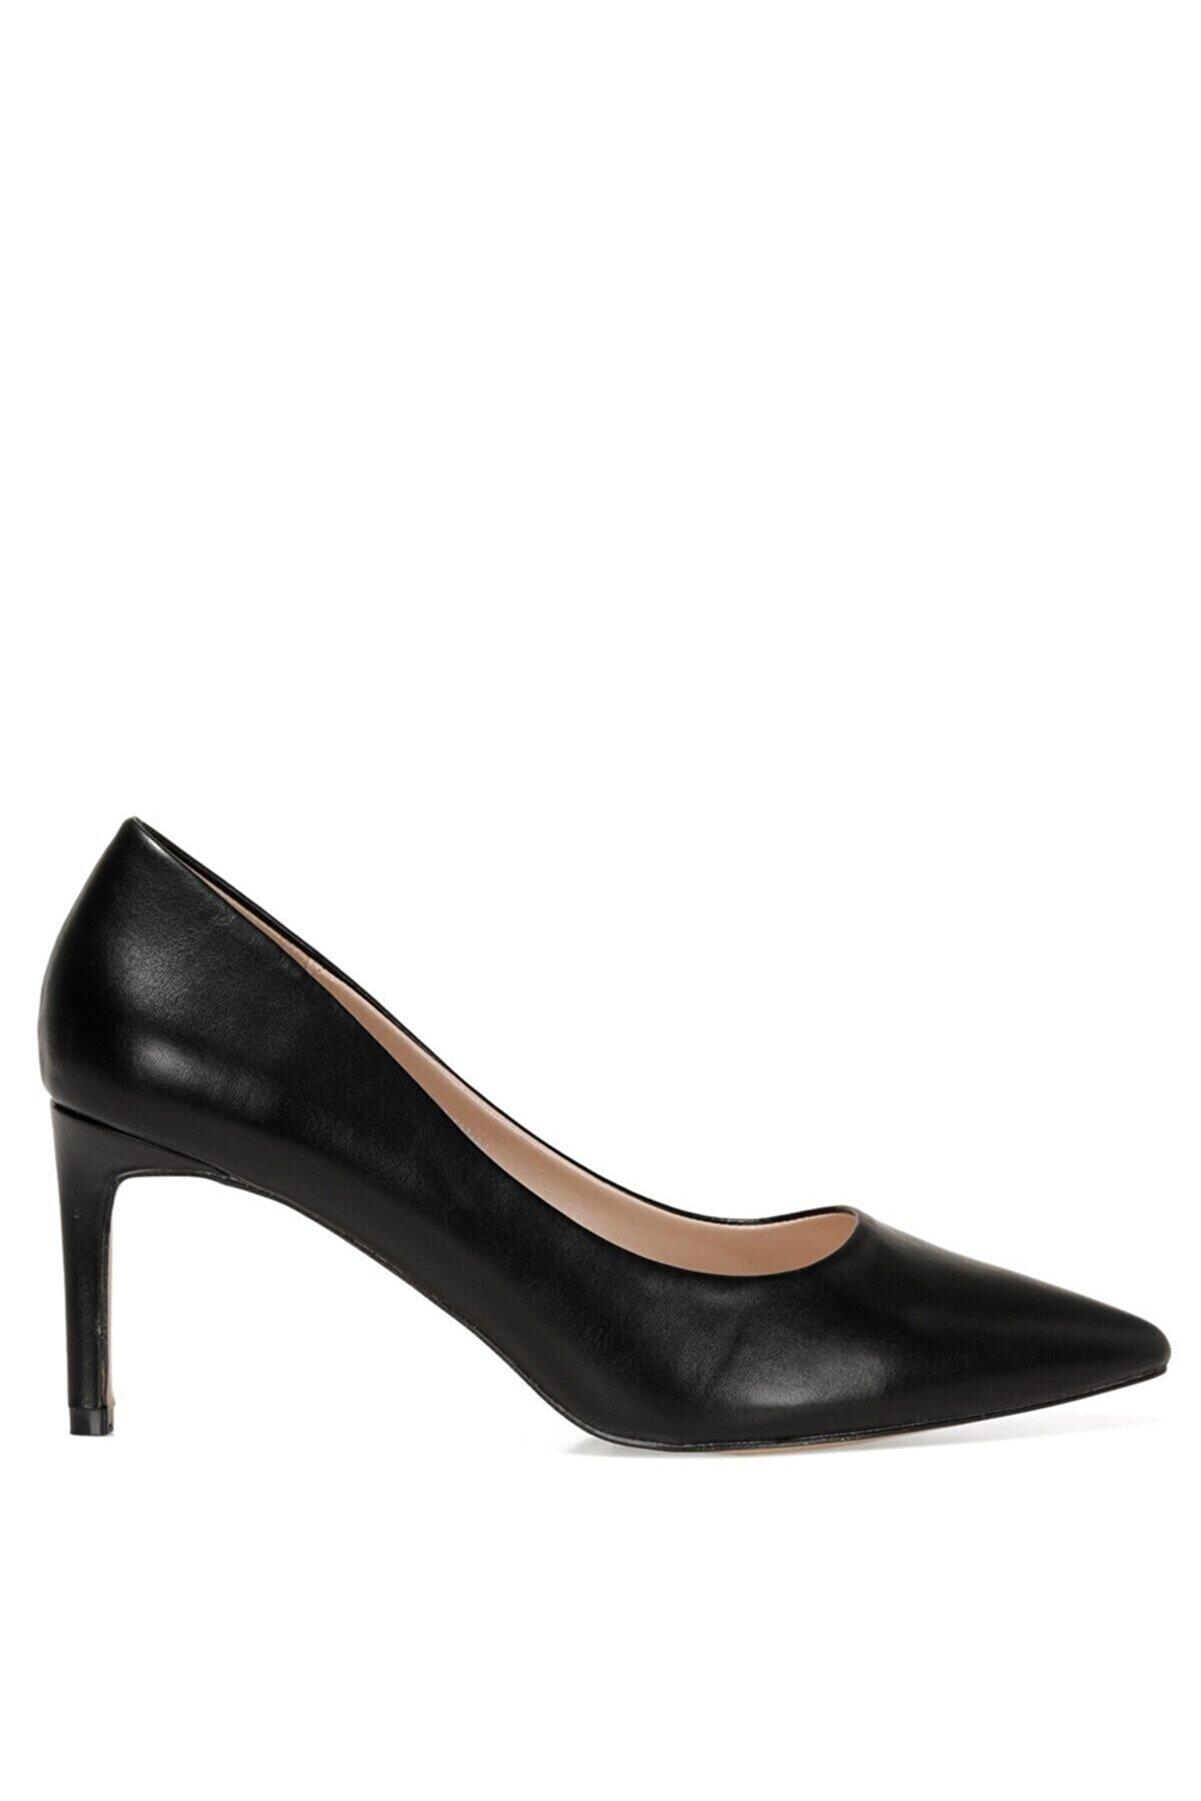 Nine West GENTILLA 1FX Siyah Kadın Klasik Topuklu Ayakkabı 101007477